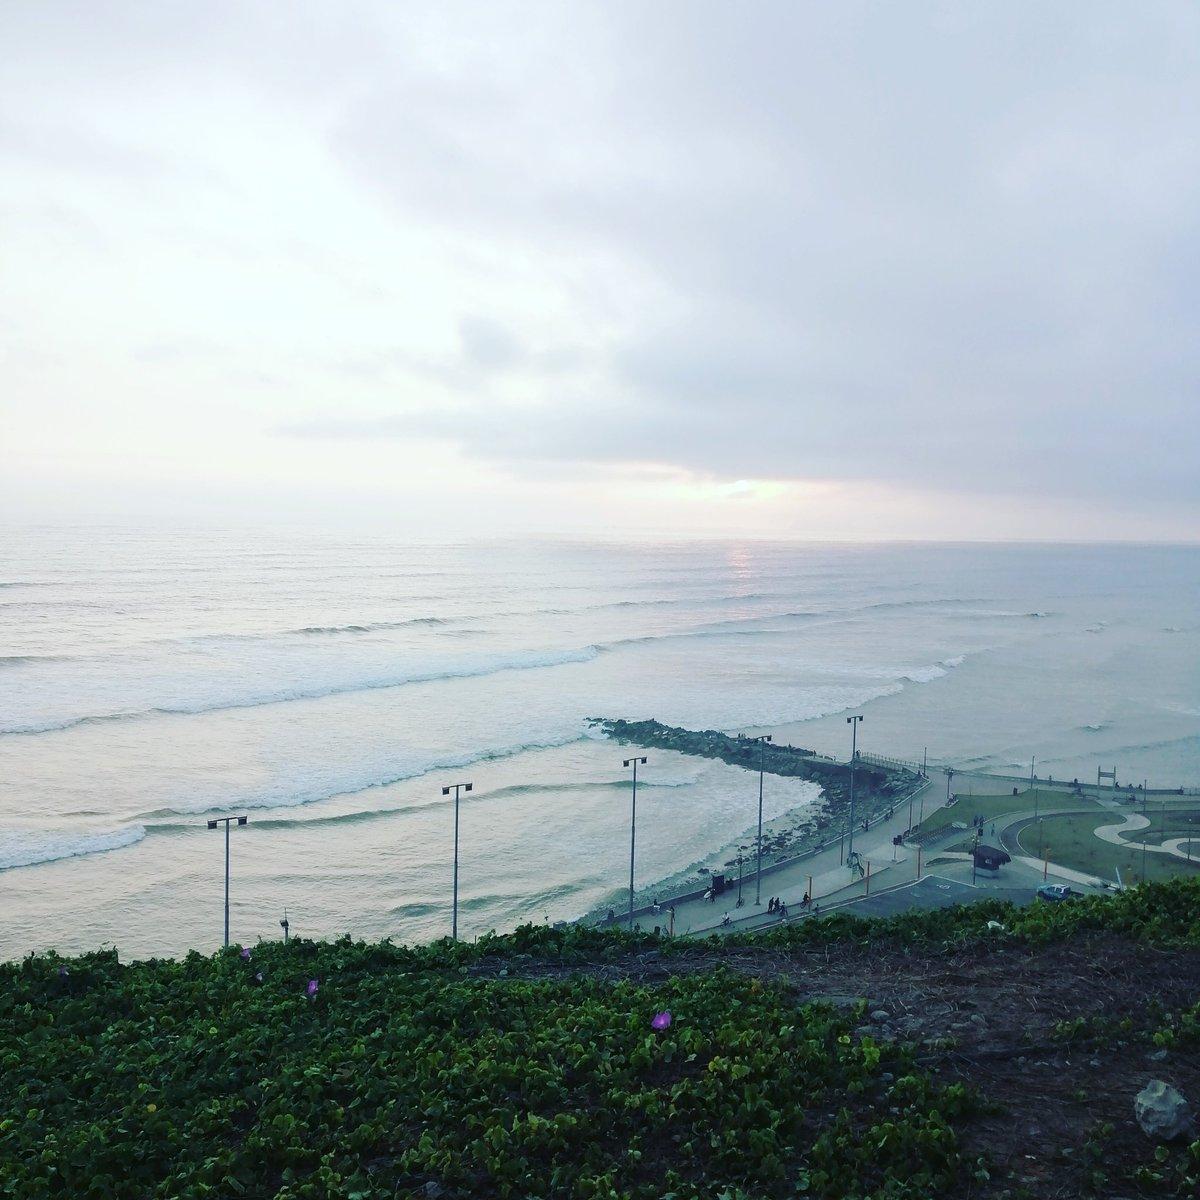 #beach #miraflores #limaperu #perú #abogadosperu #abogadoslima https://t.co/0jQLQ7mEjg